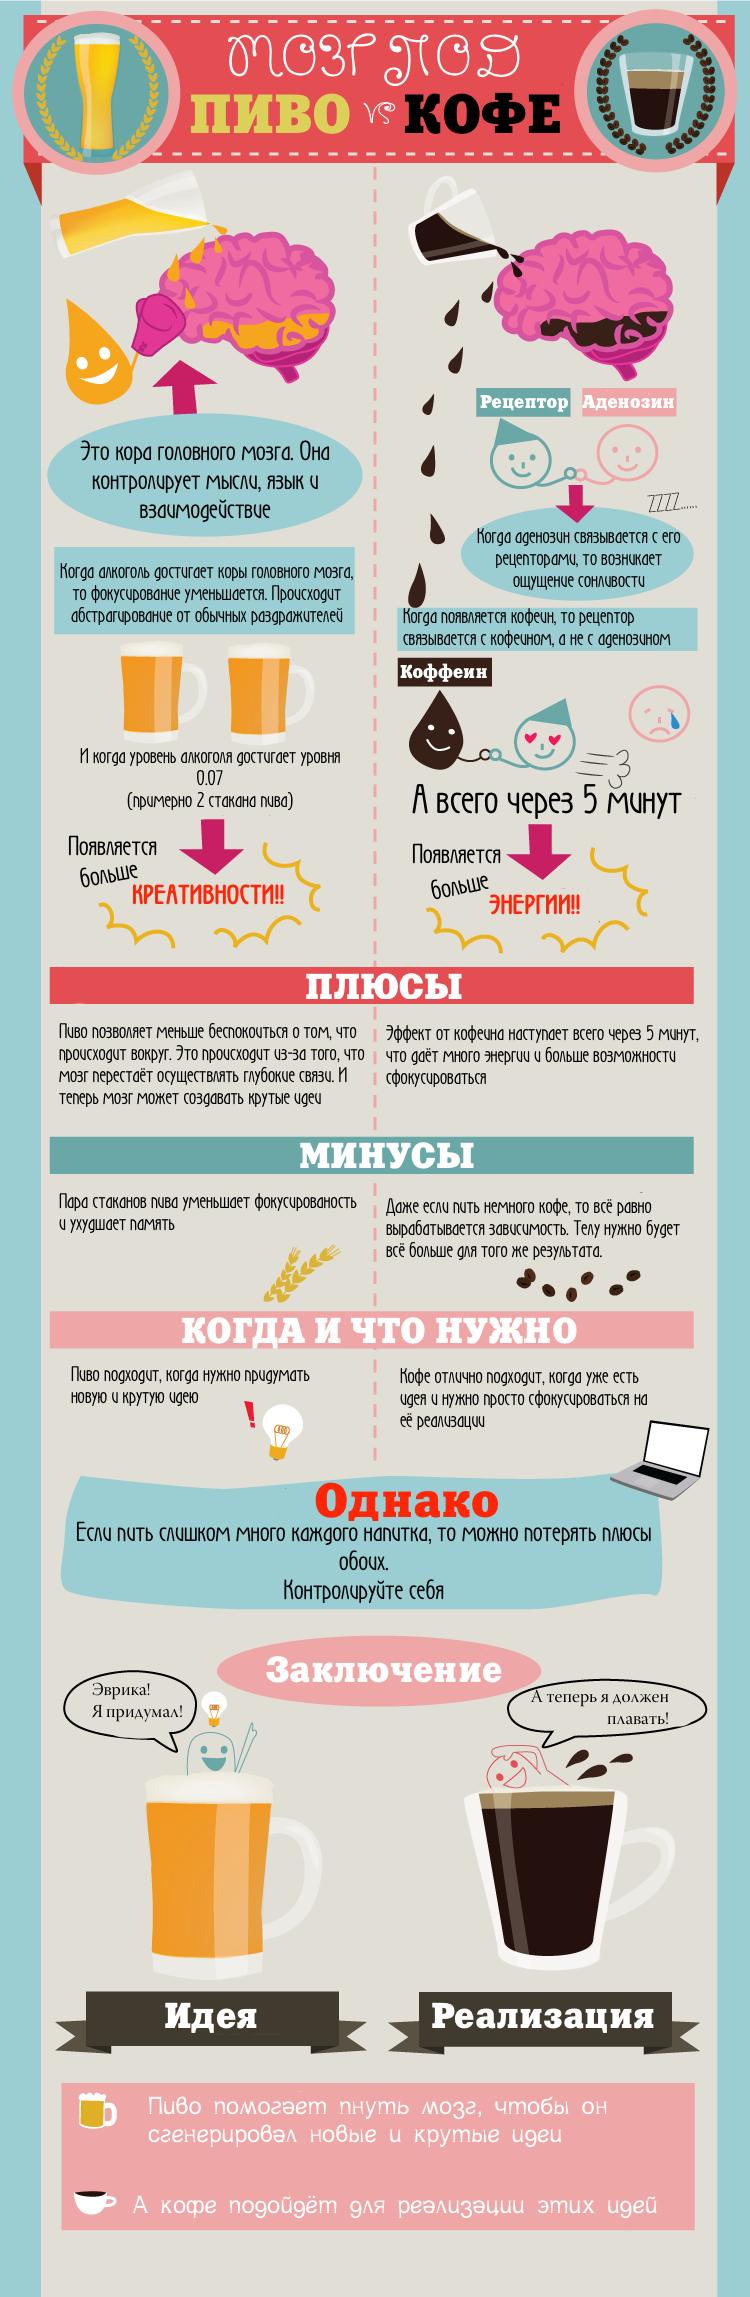 Инфографика: мозг под воздействием кофе и пива